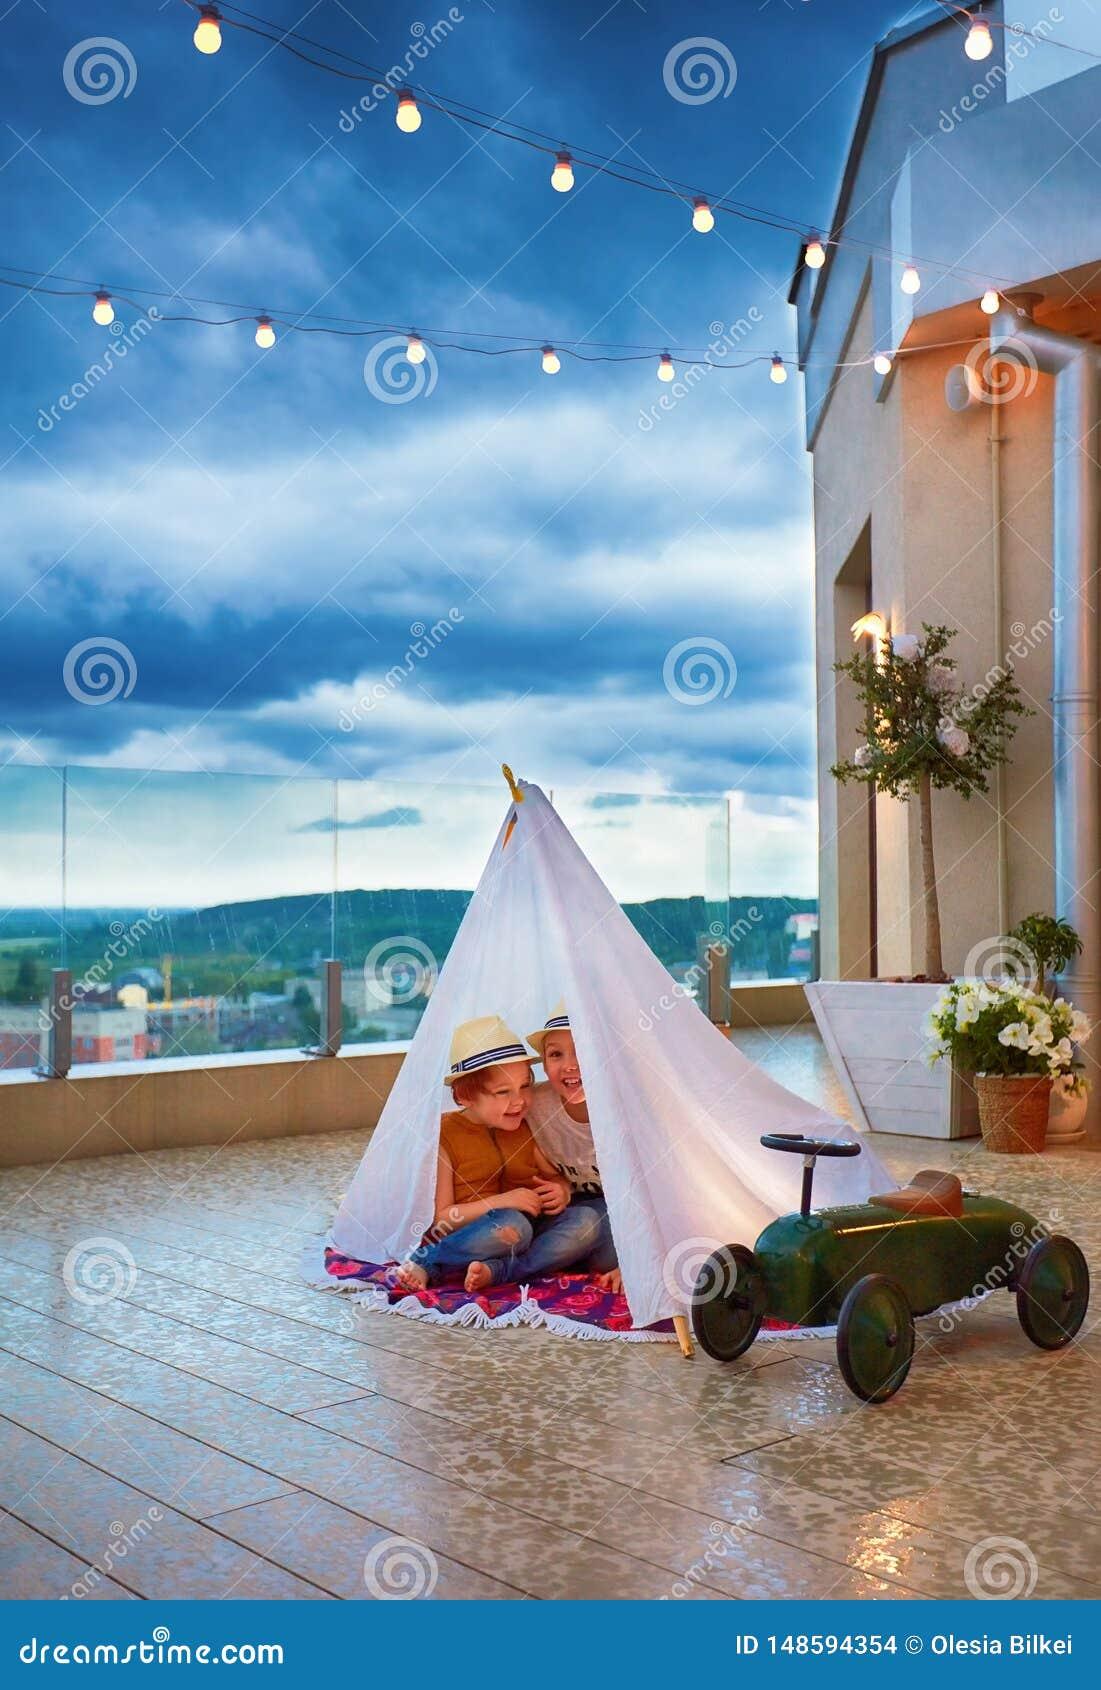 Los niños felices están ocultando en tienda india hecha a mano de una lluvia súbita del verano en el patio, jugando juntos